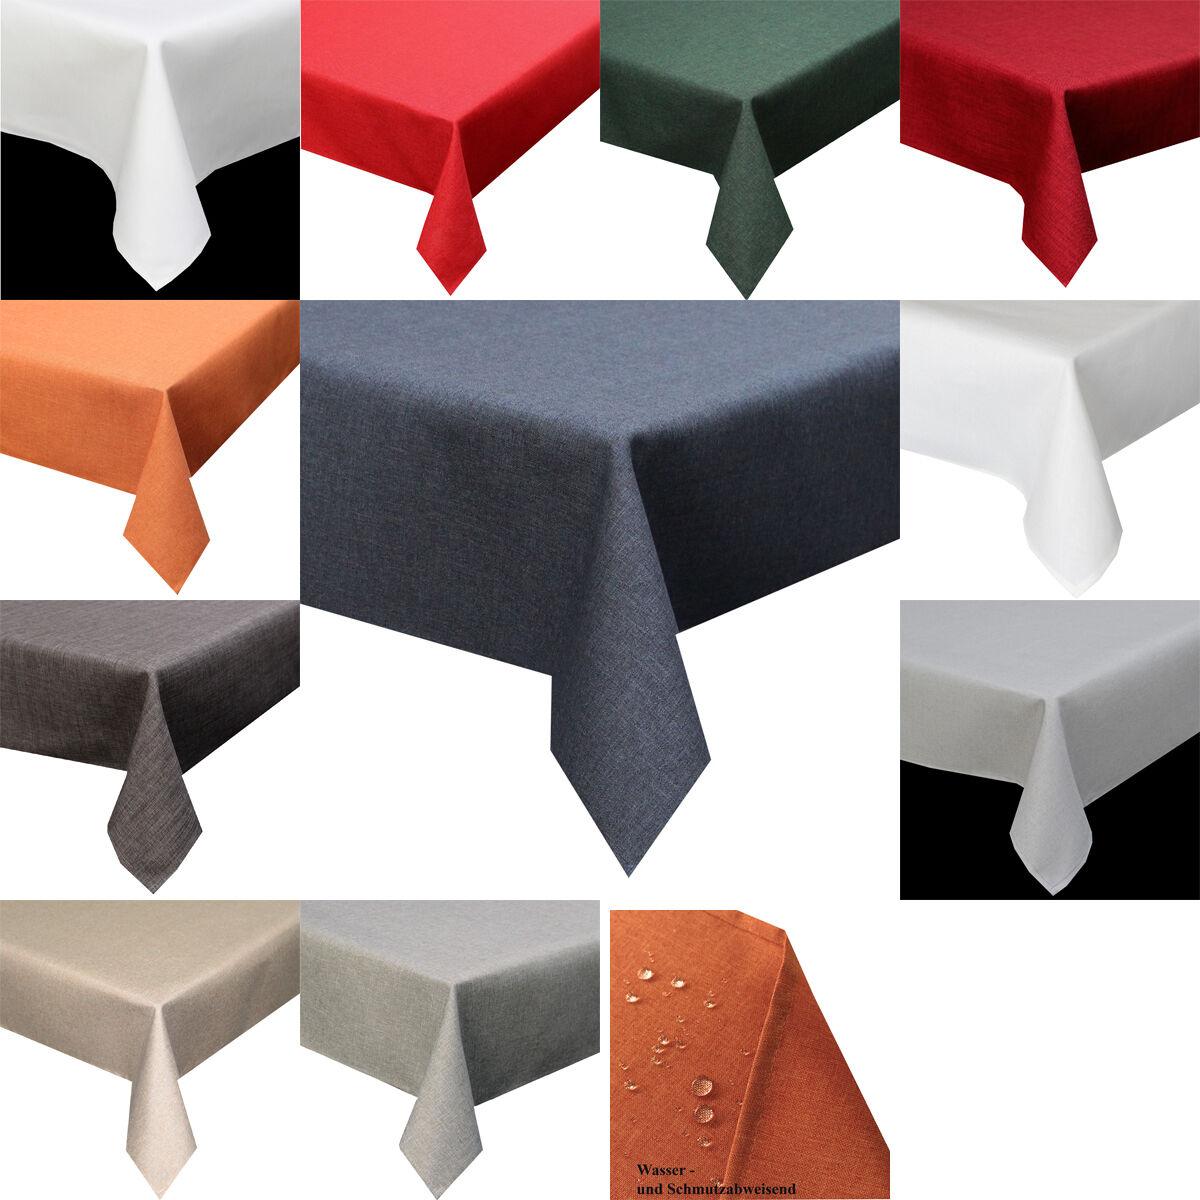 Tischdecke garten rund 160 test vergleich tischdecke garten rund 160 g nstig kaufen - Tischdecke garten ...